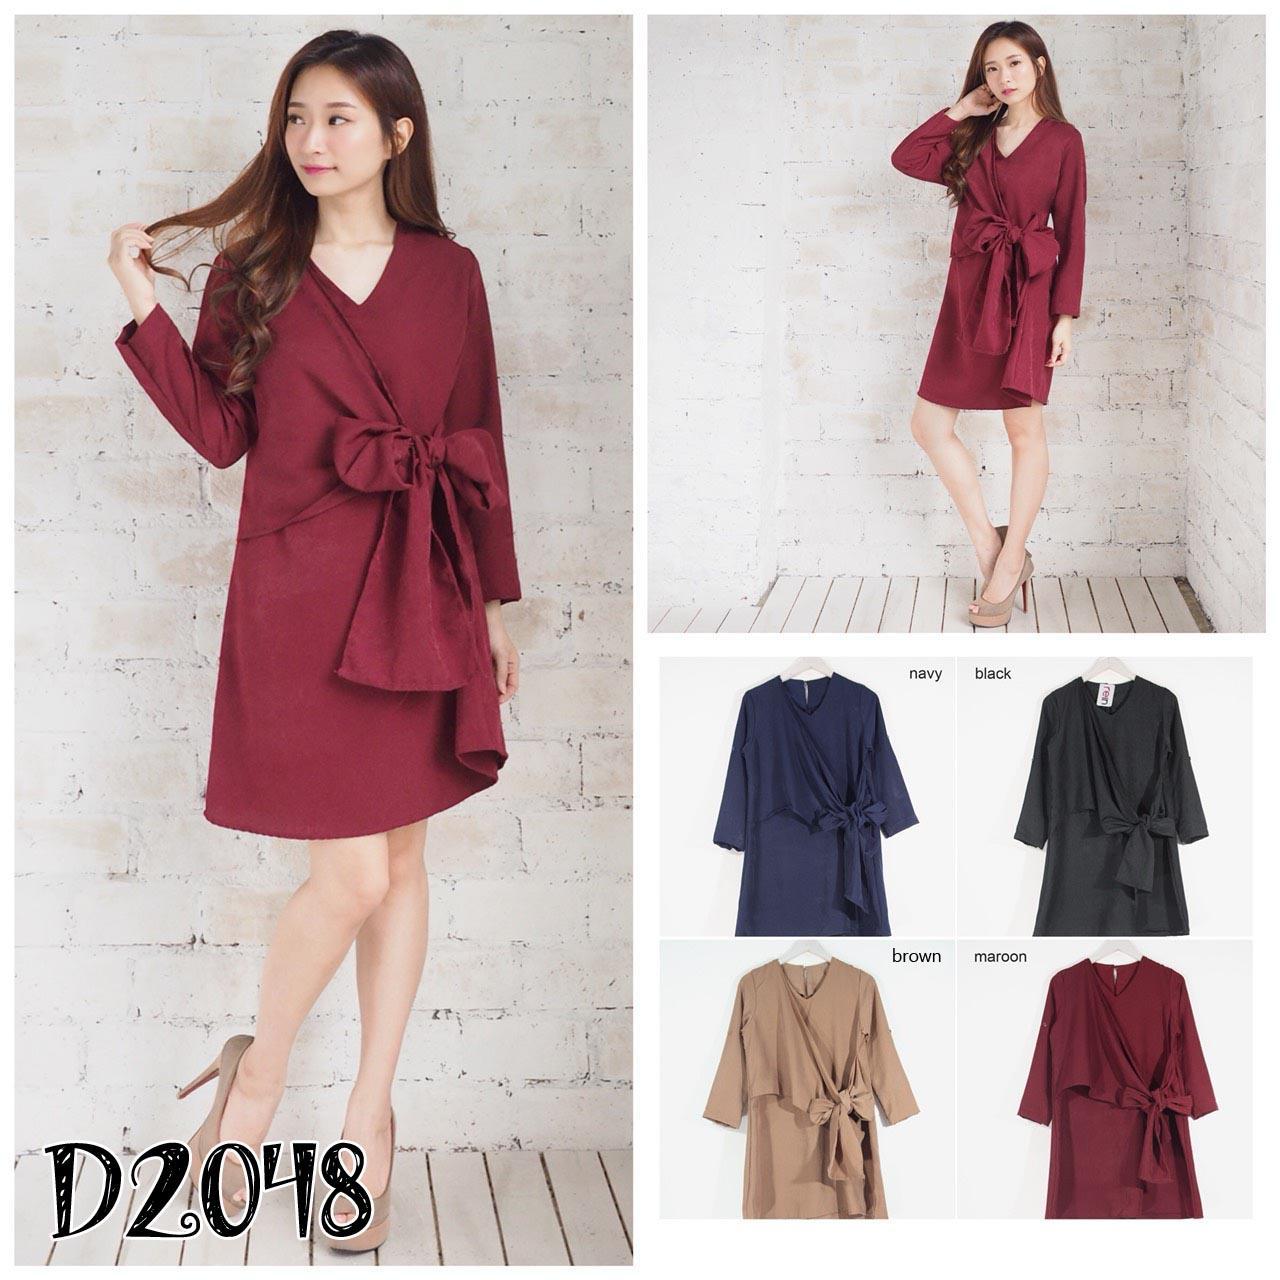 D2048 Dress Terusan Kasual Lengan Panjang Tali Ikat Pinggang Fashion Murah Kerja Wanita